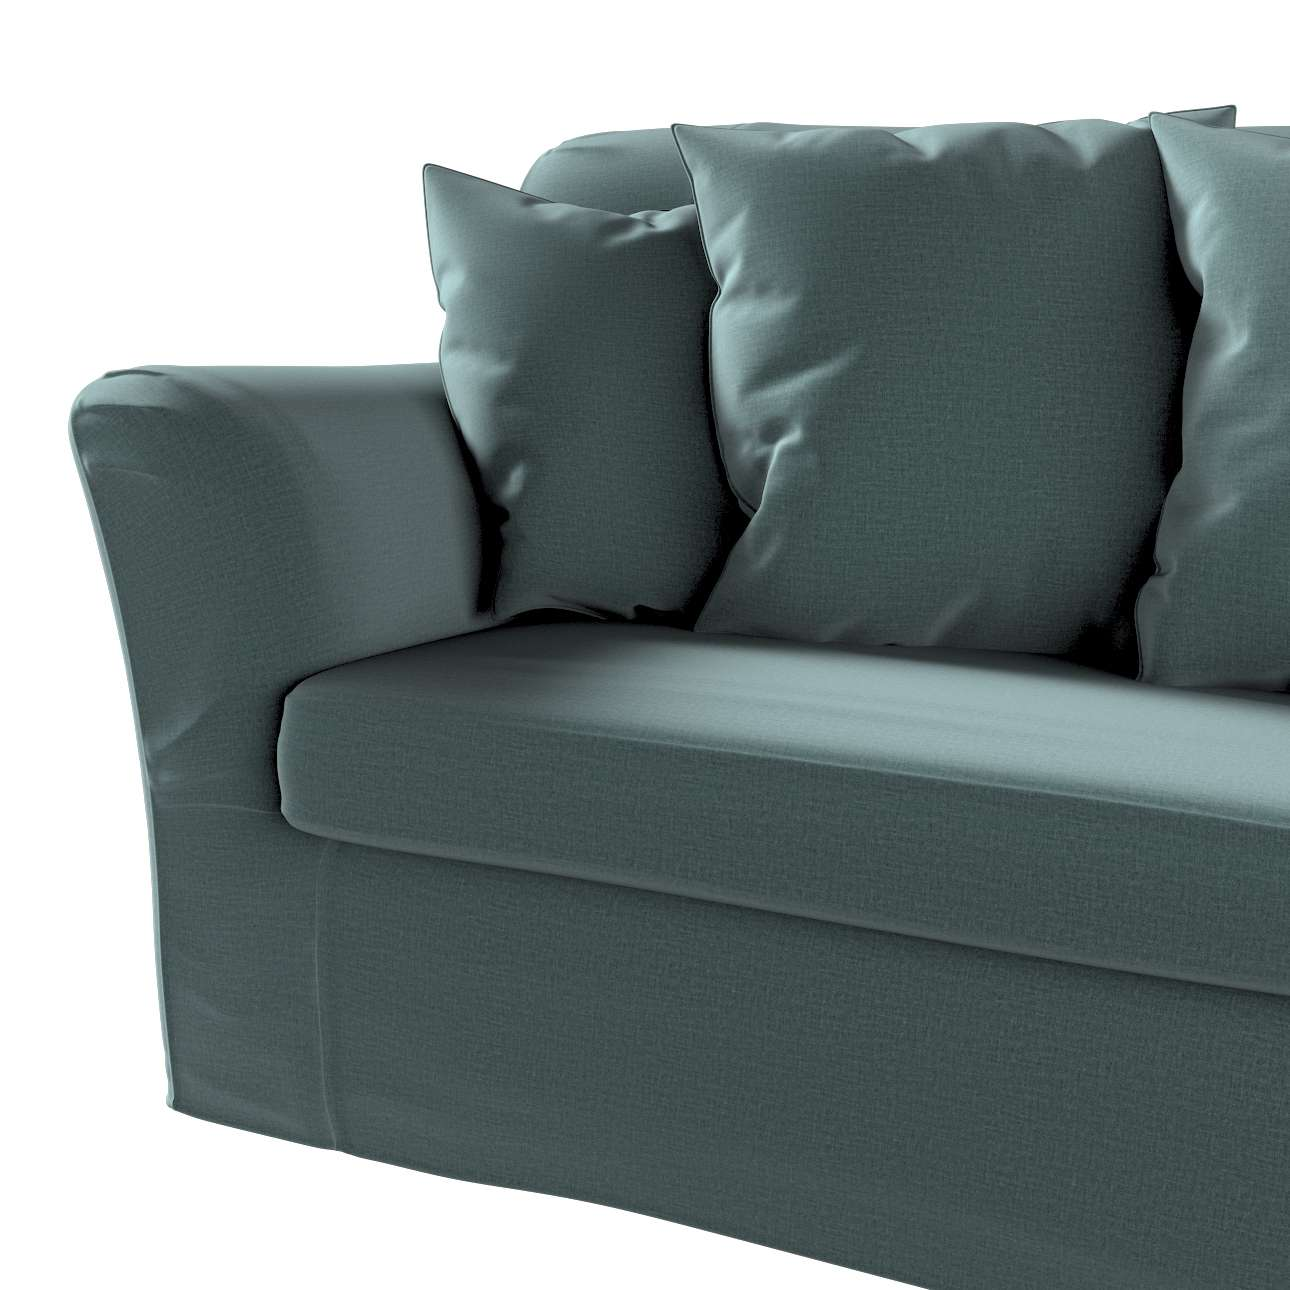 Pokrowiec na sofę Tomelilla 3-osobową rozkładaną w kolekcji Ingrid, tkanina: 705-36